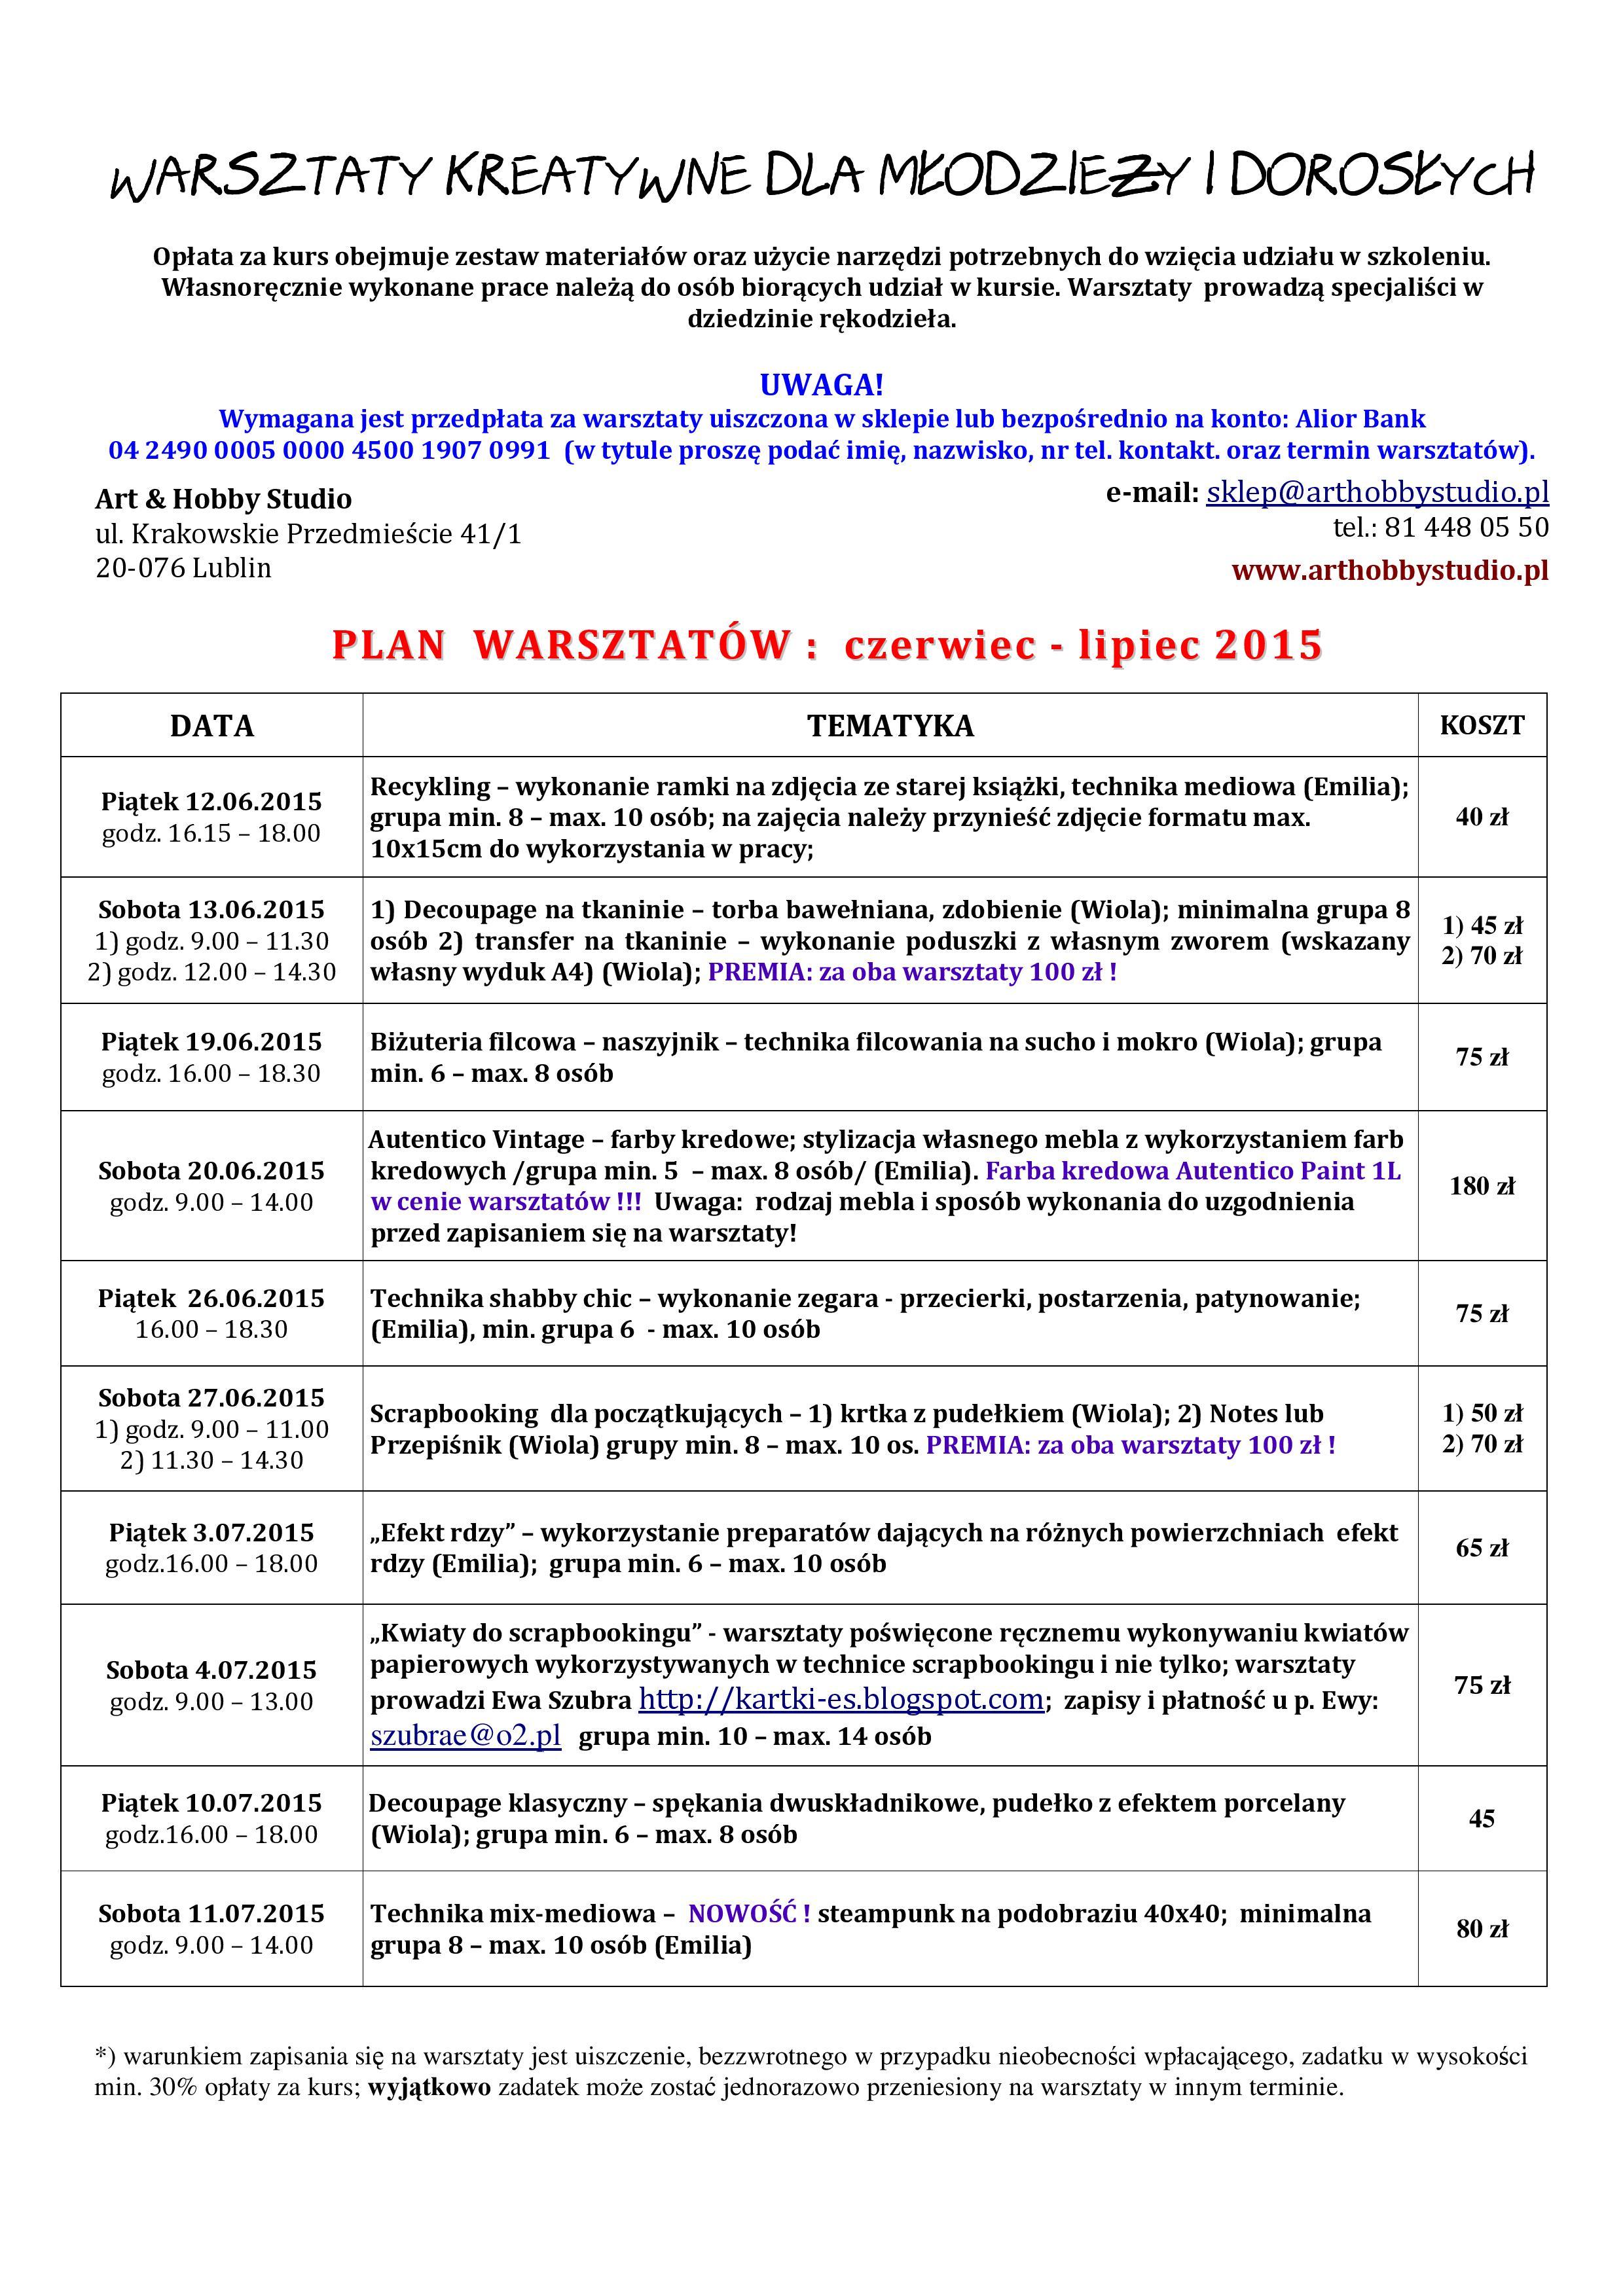 5 warsztaty czerwiec lipiec 2015 page 001